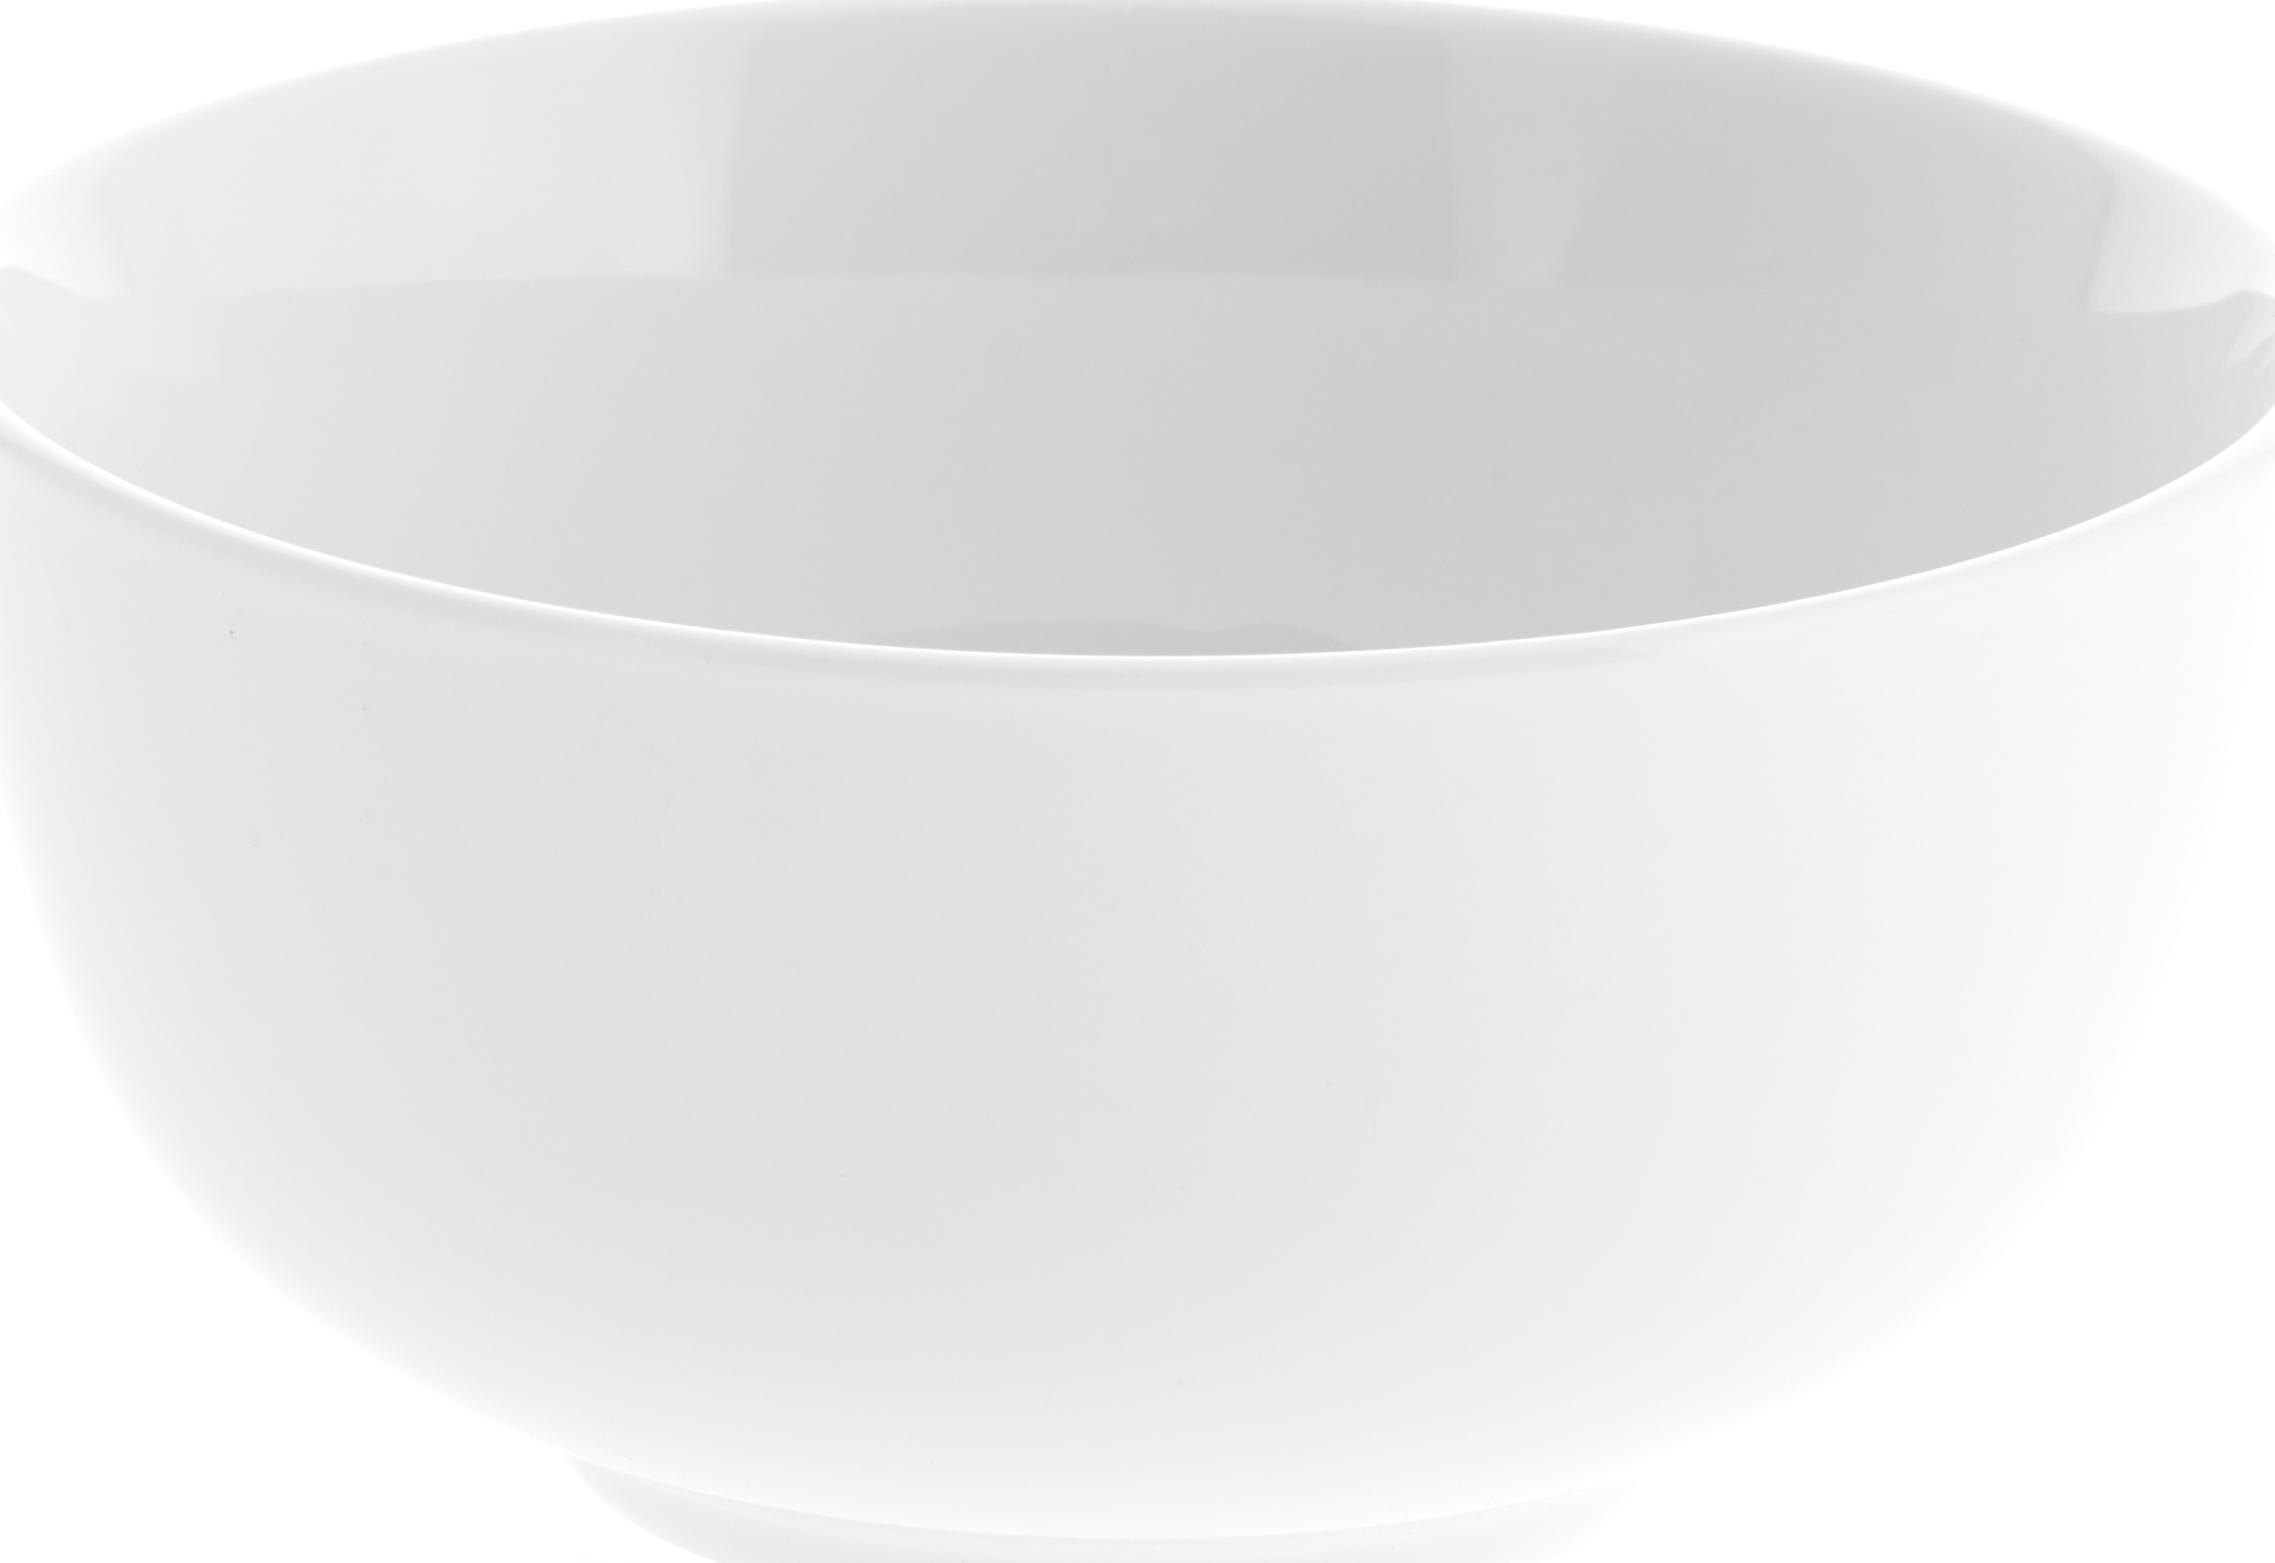 Schalen Delight, 2 stuks, Porselein, Wit, Ø 14 x H 7 cm